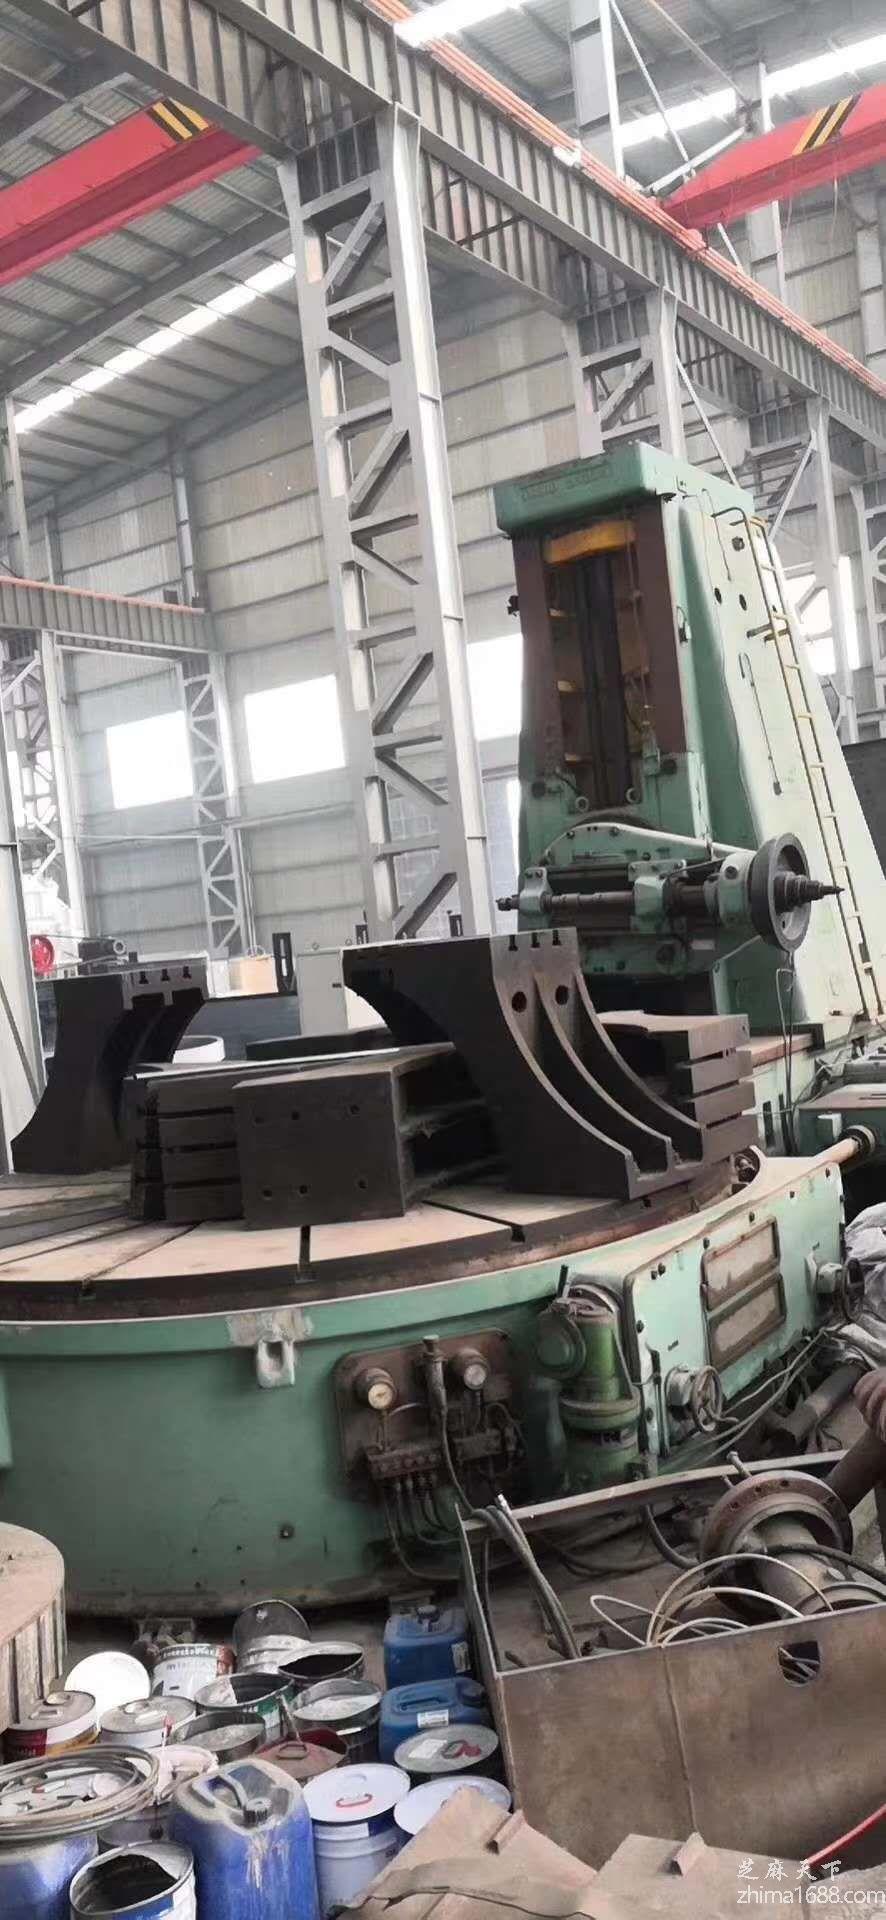 二手英国大卫布朗8.5米大型滚齿机